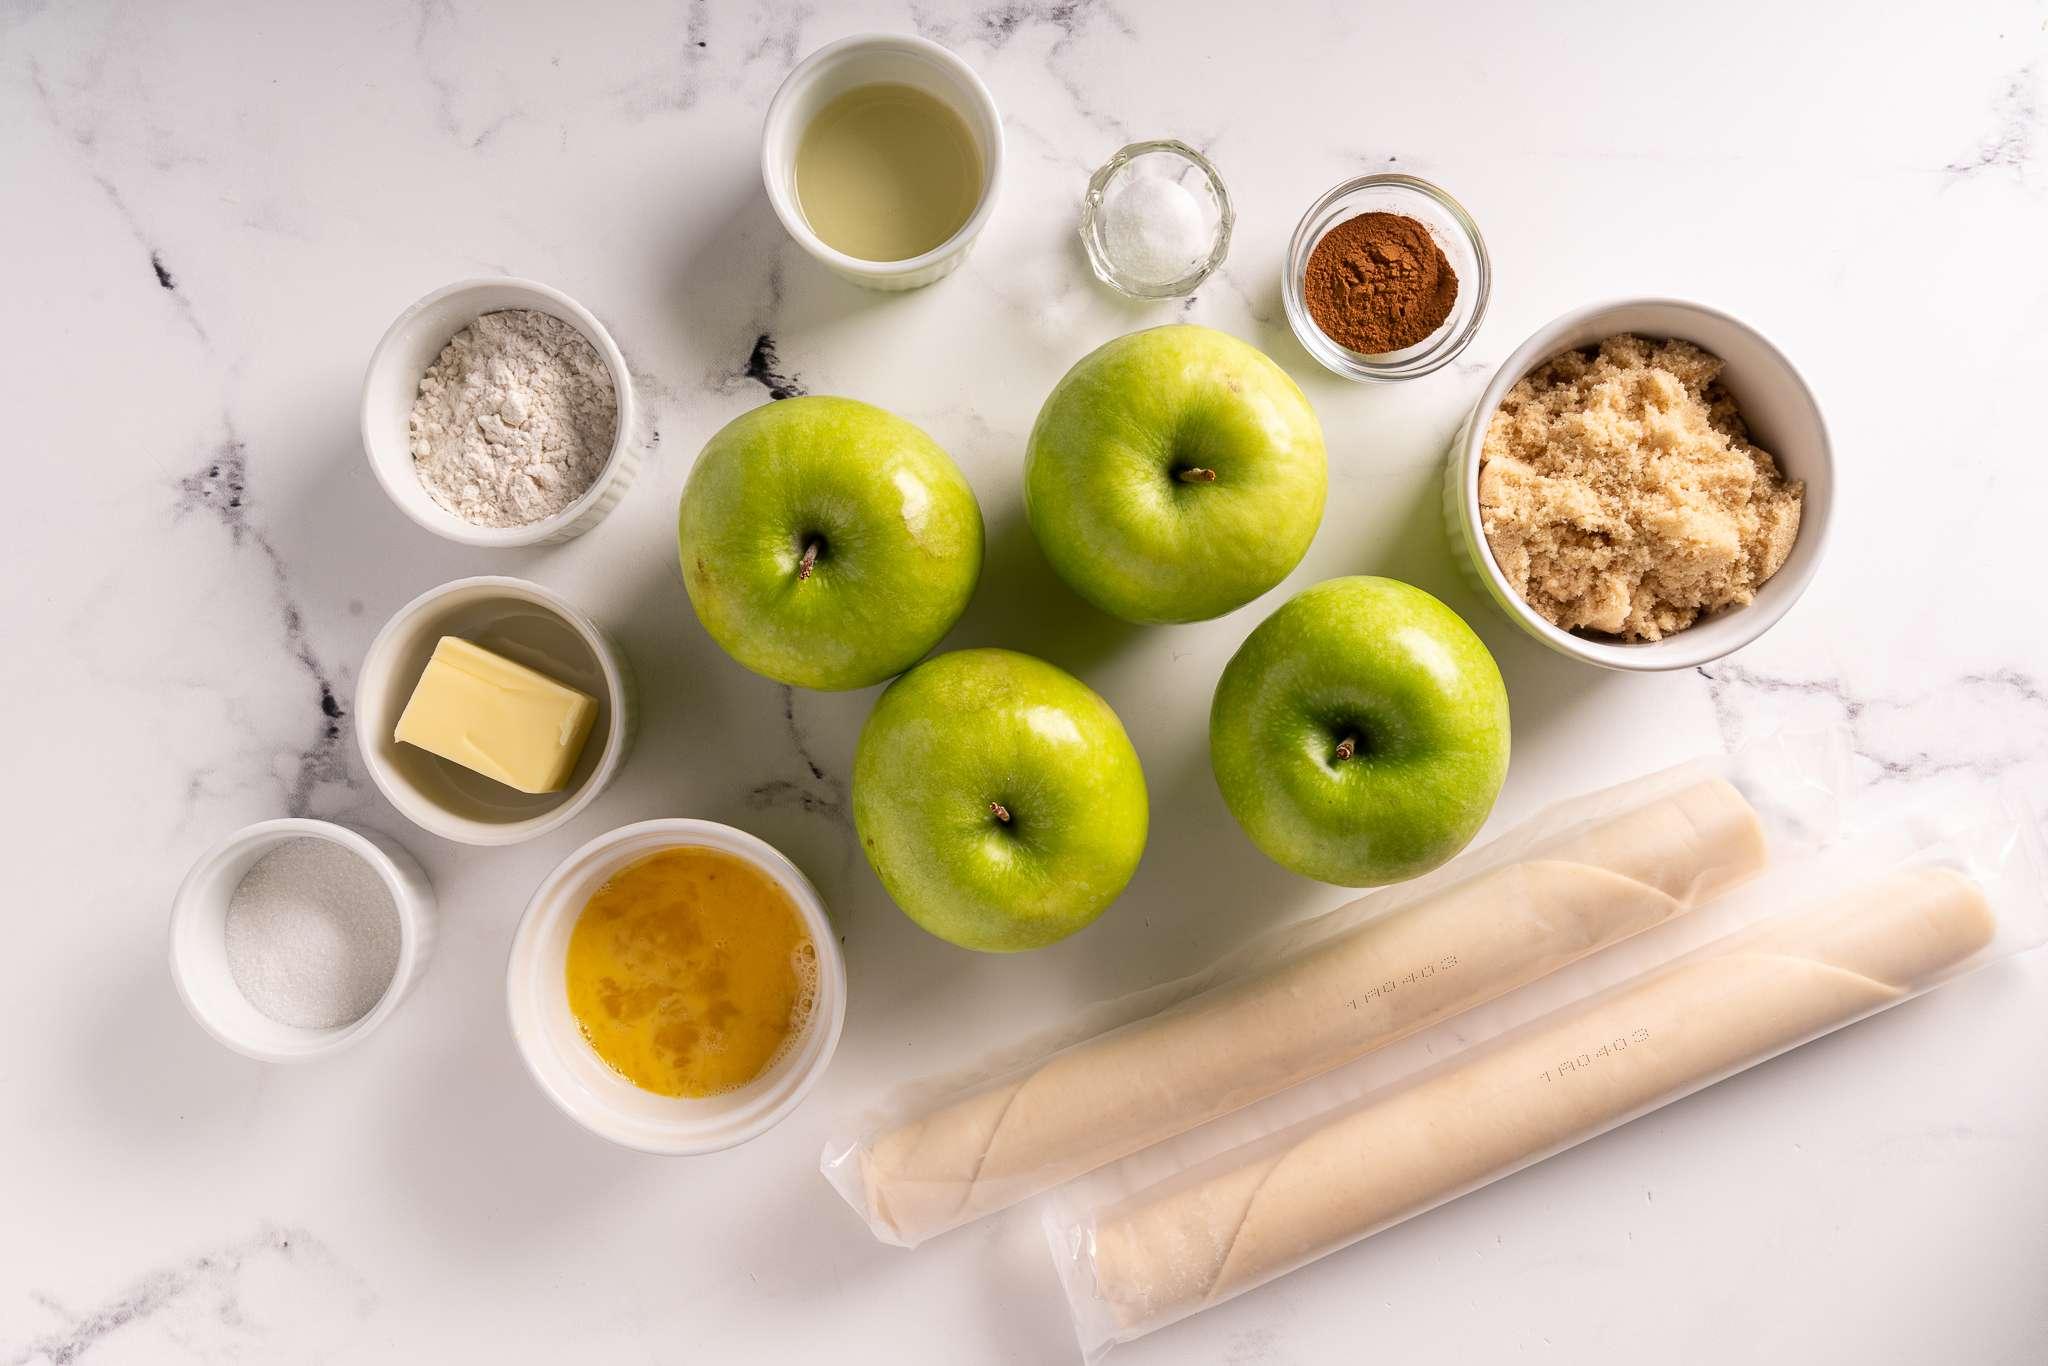 Copycat McDonald's Apple Pie ingredients